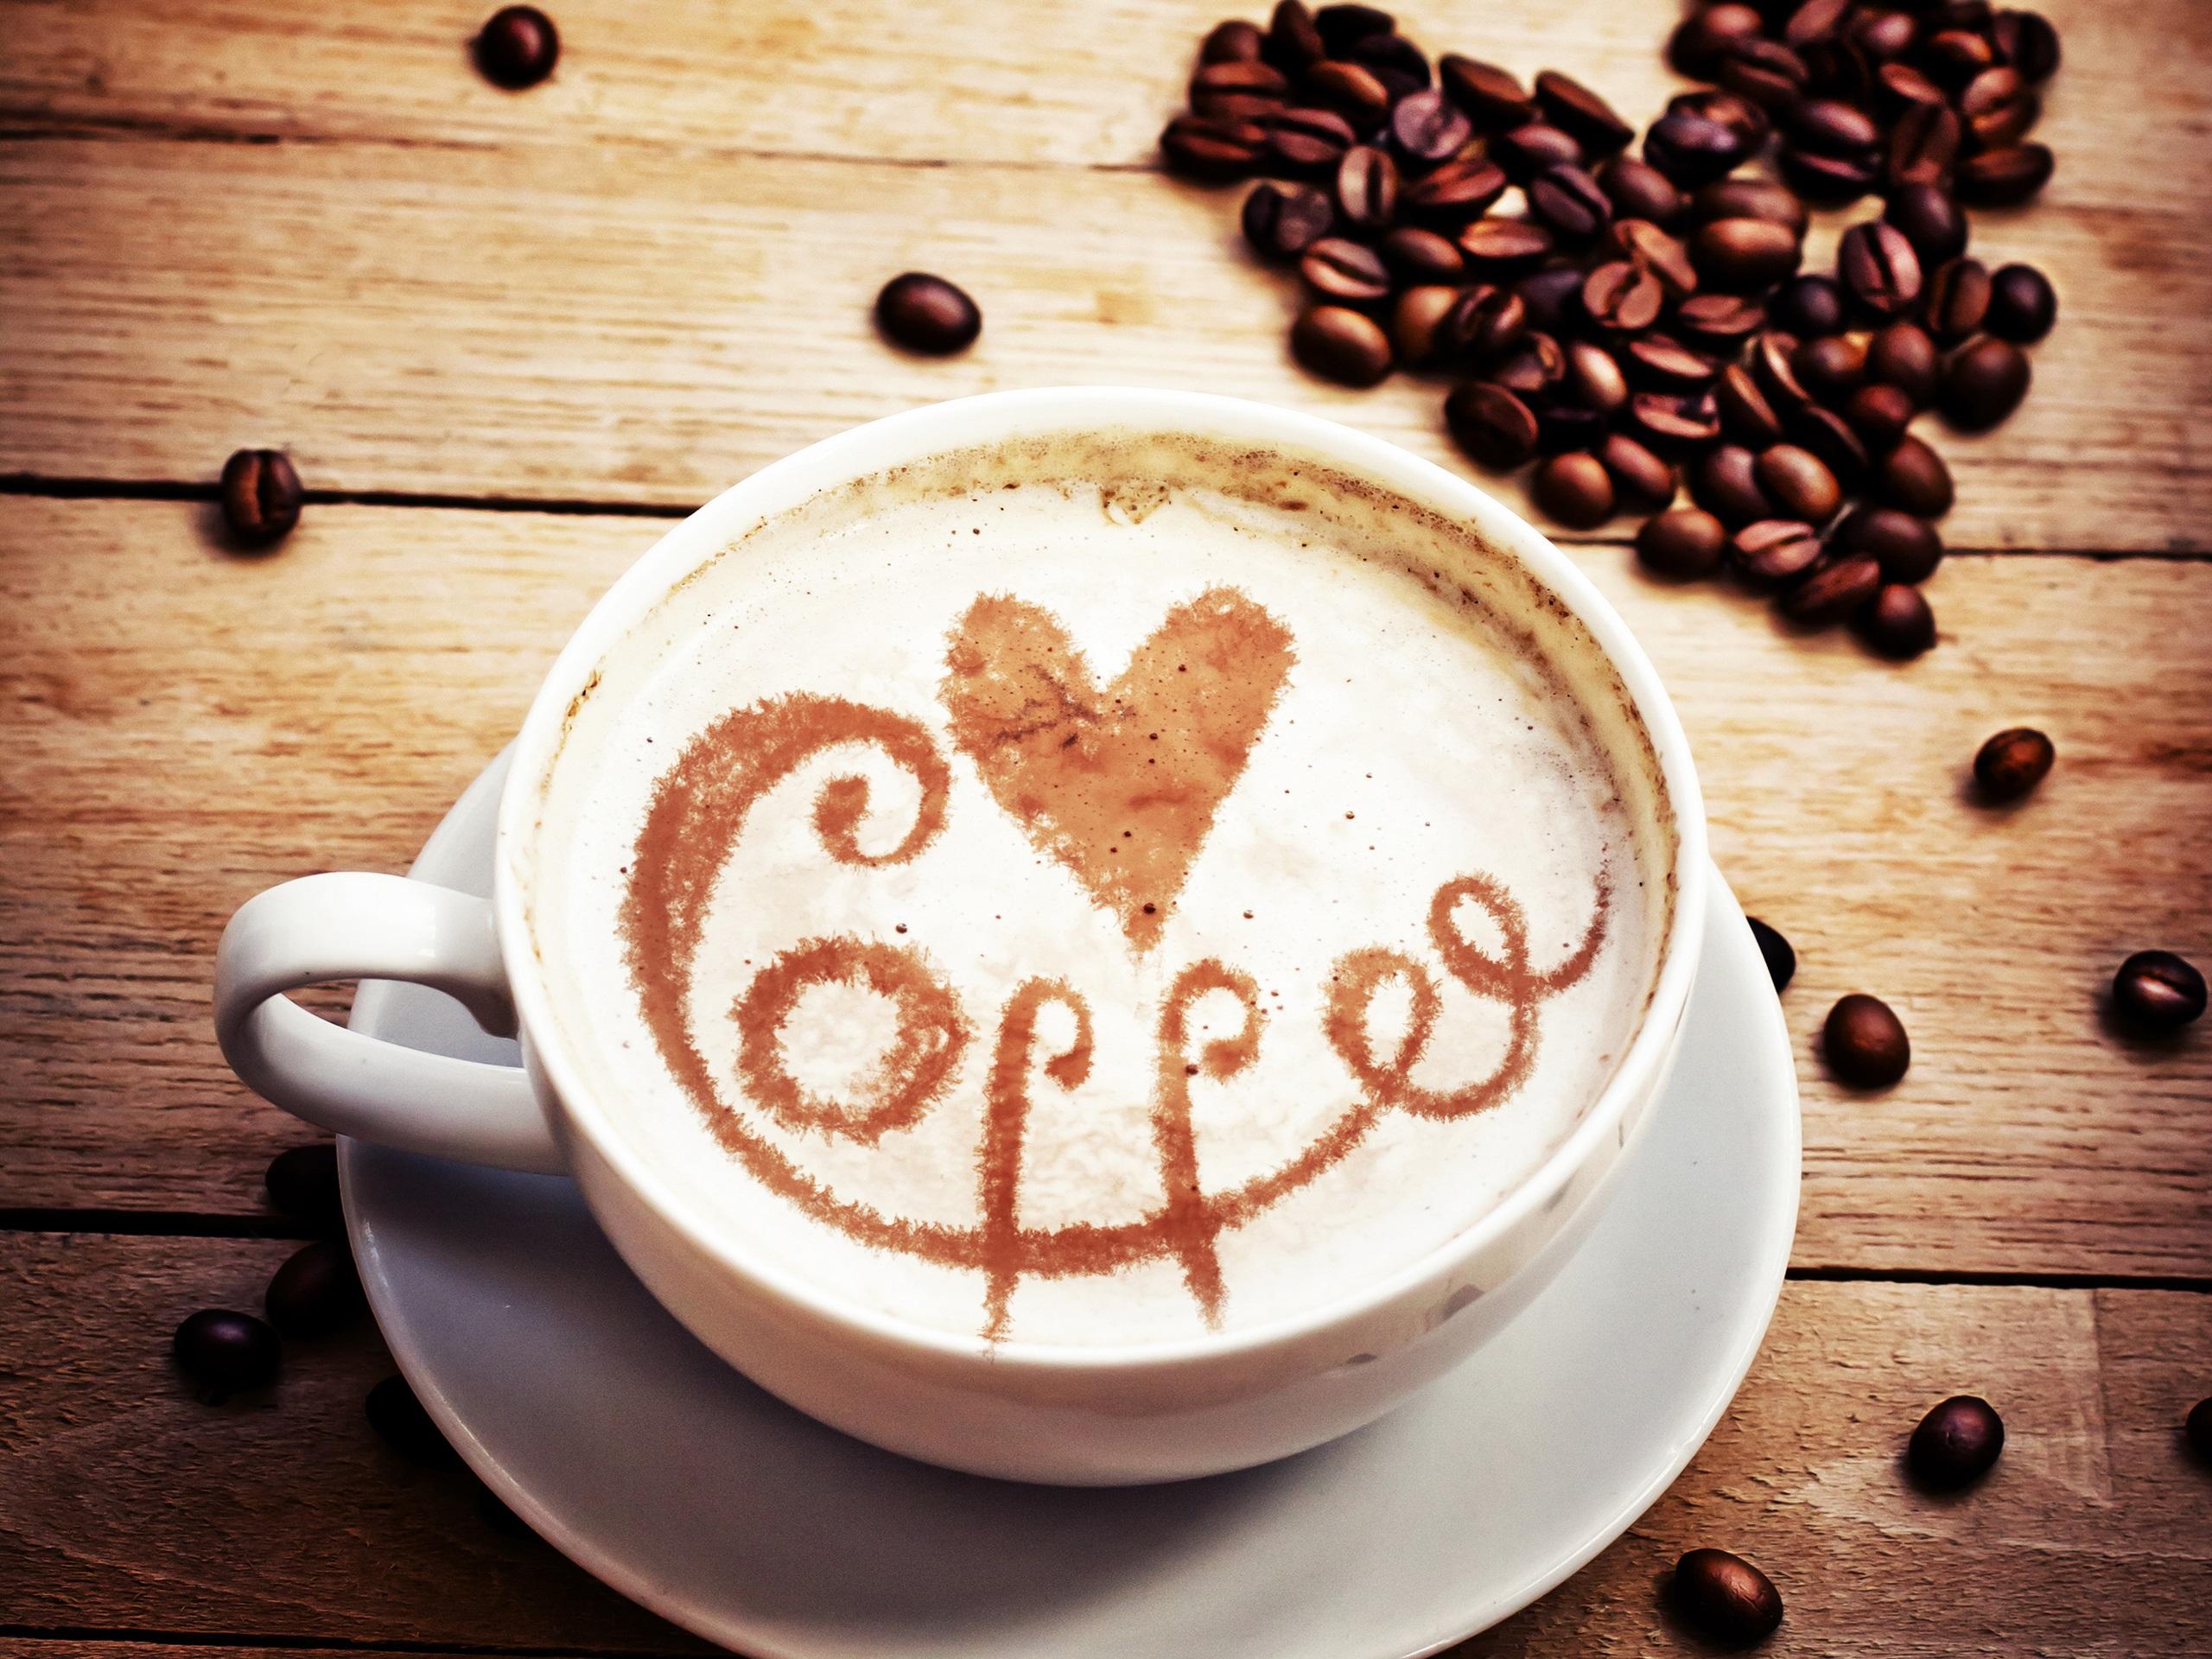 Смешные картинки на кофейную тематику, поздравление юбилеем женщине